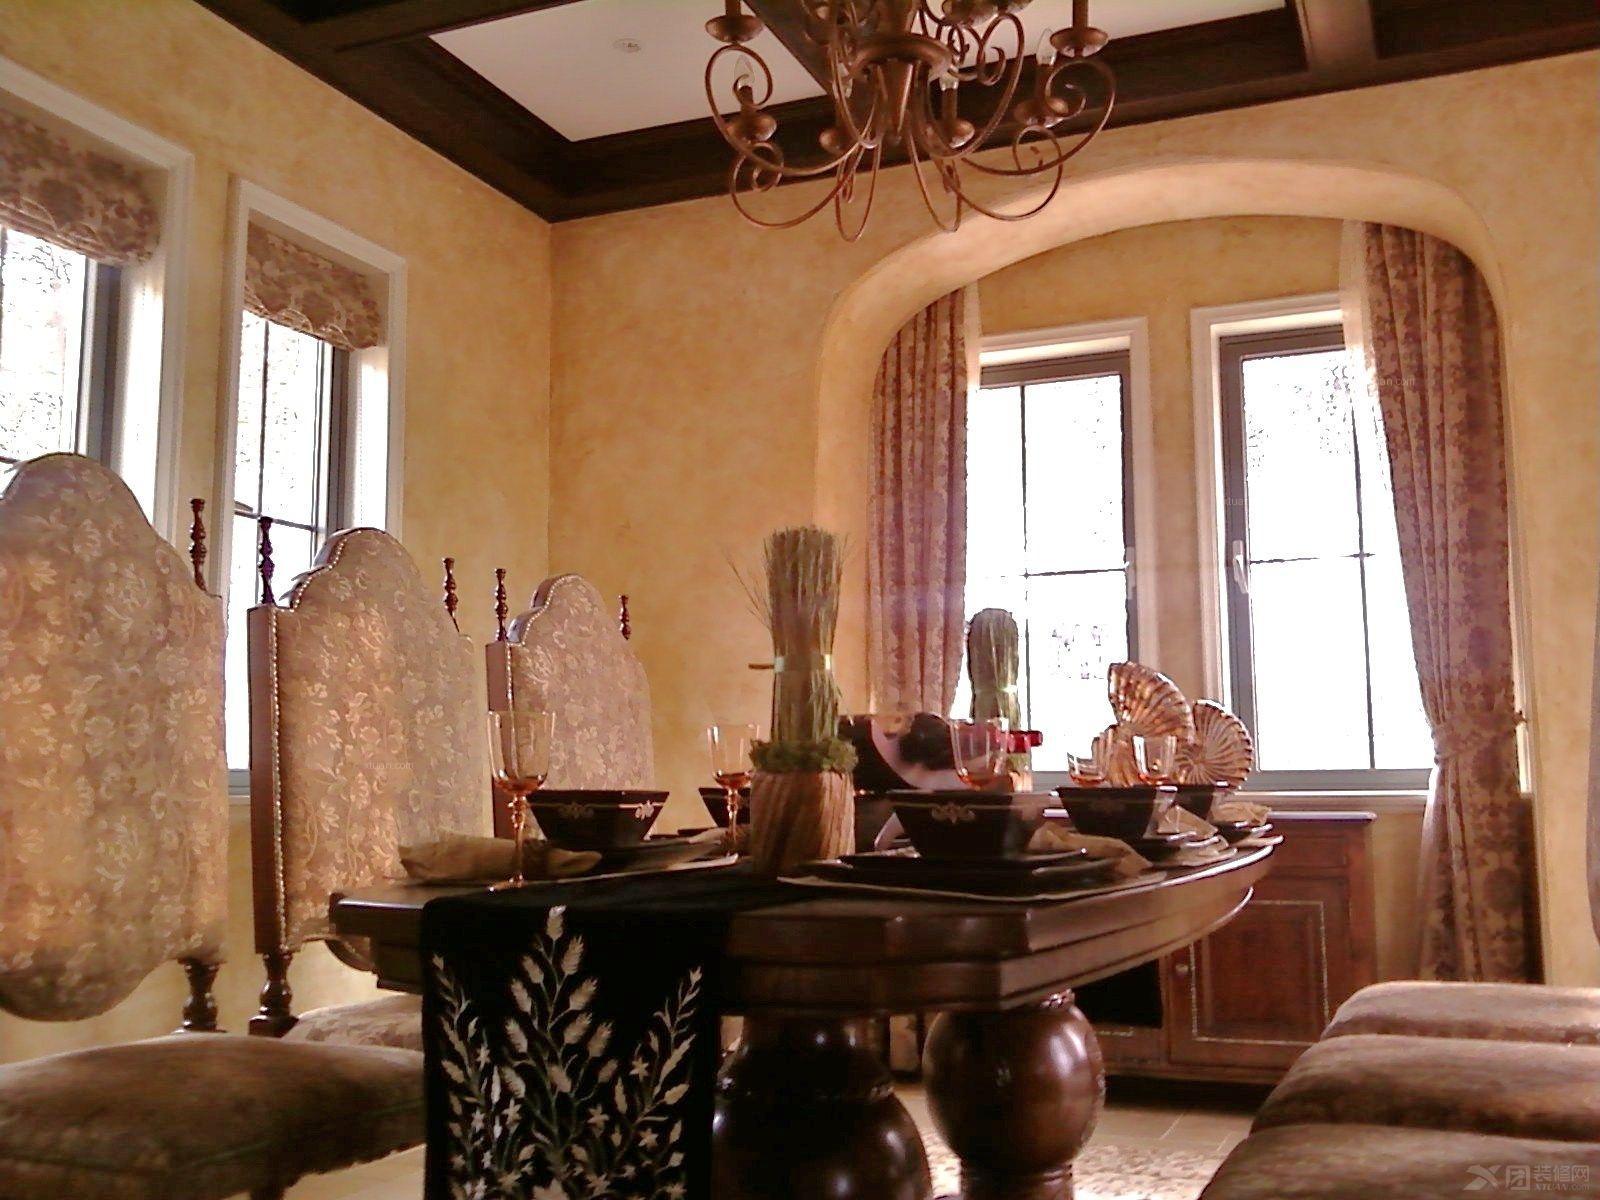 美国现代大师艺术涂料-别墅欧式复古装修效果图图片